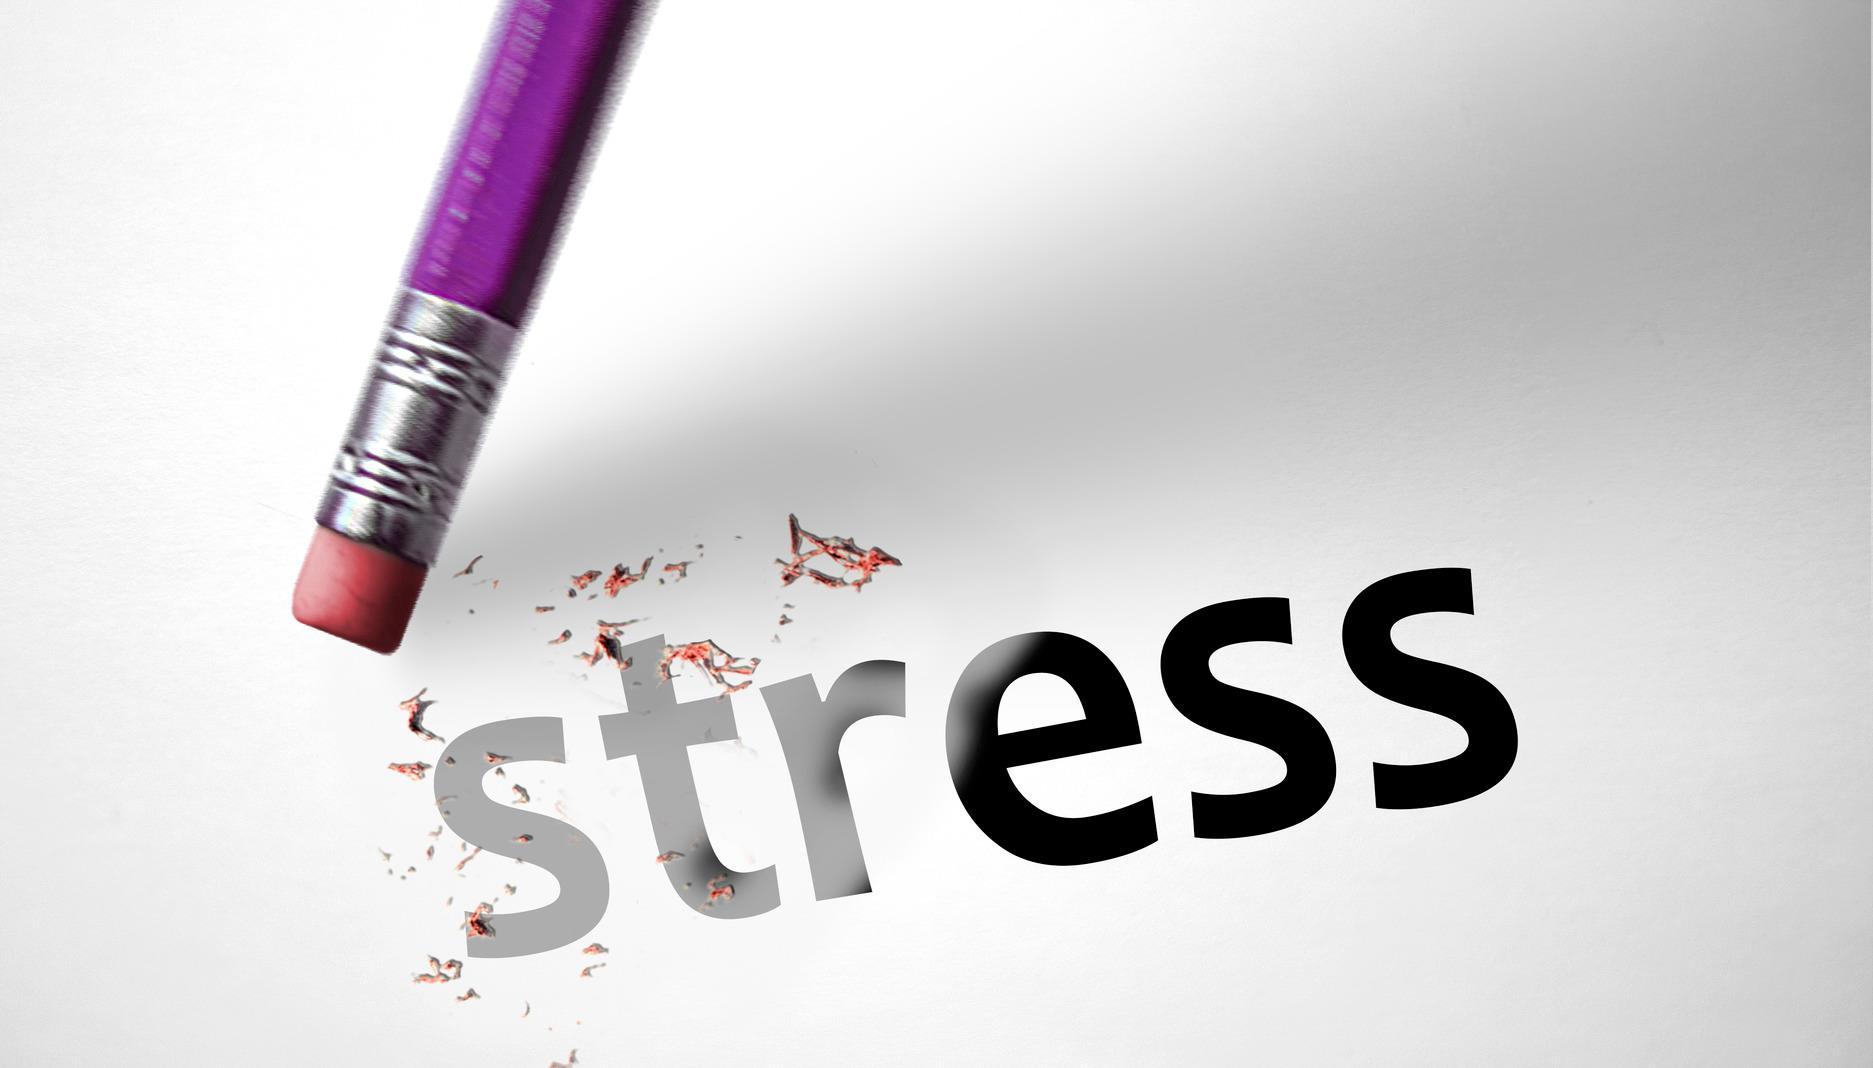 Майстер-клас із елементами арт-терапії «Про що говорить стрес?»